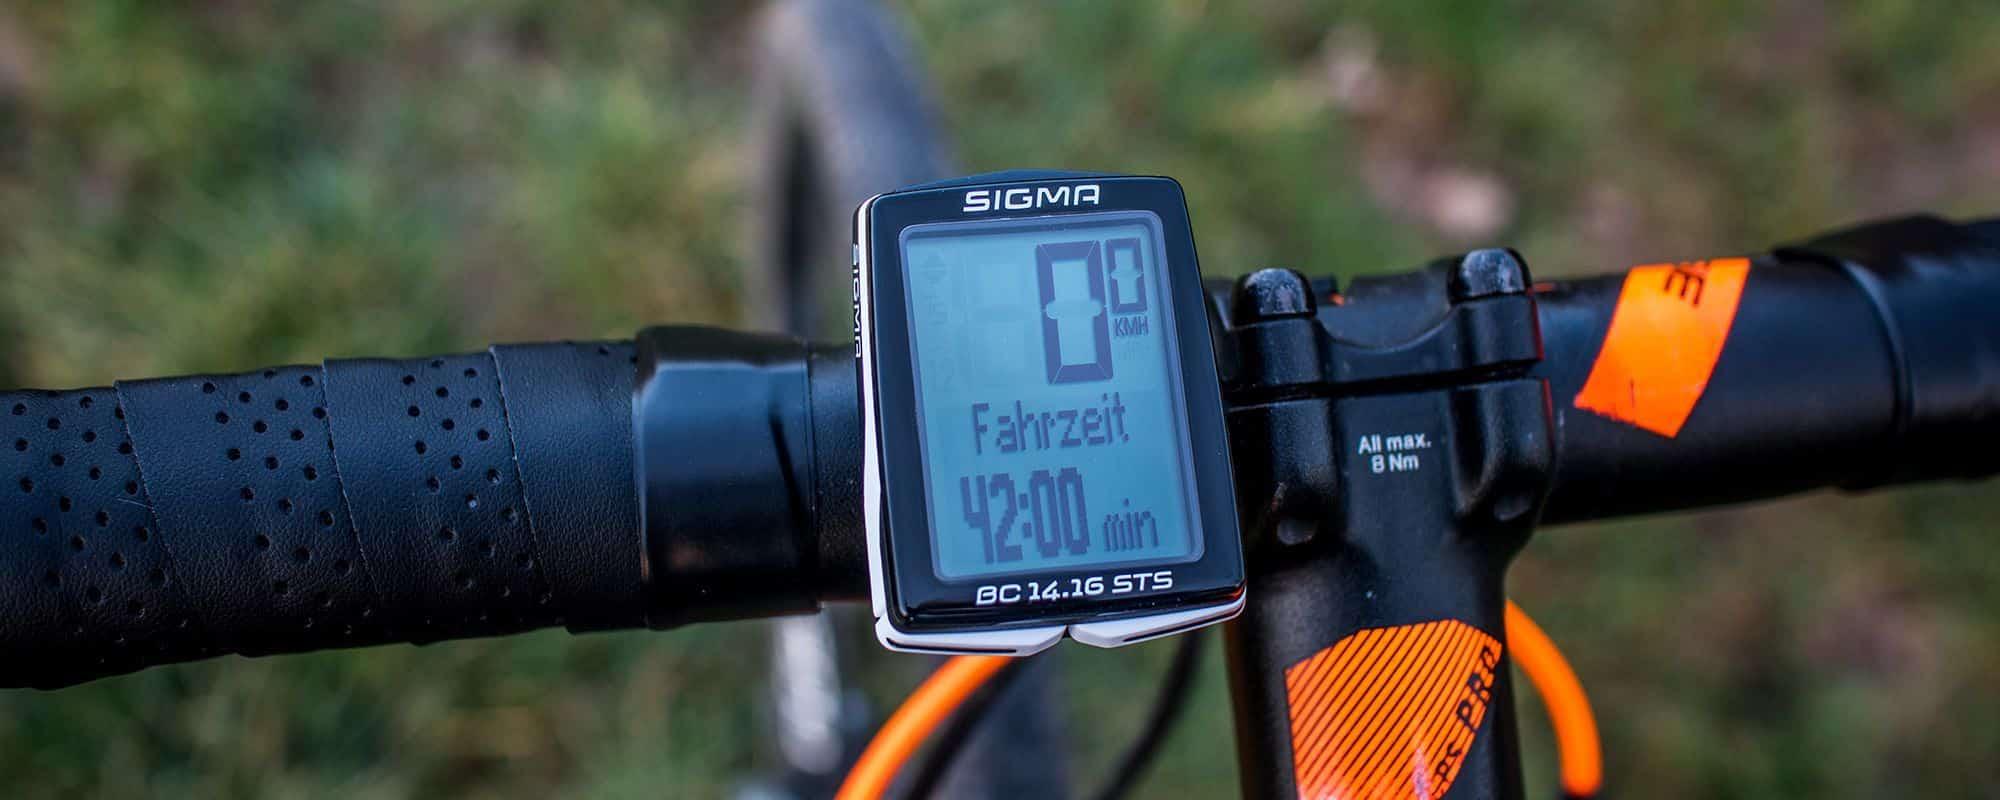 Sigma BC 14.16 STS Test & Erfahrung - Der richtige Fahrradcomputer für dich?